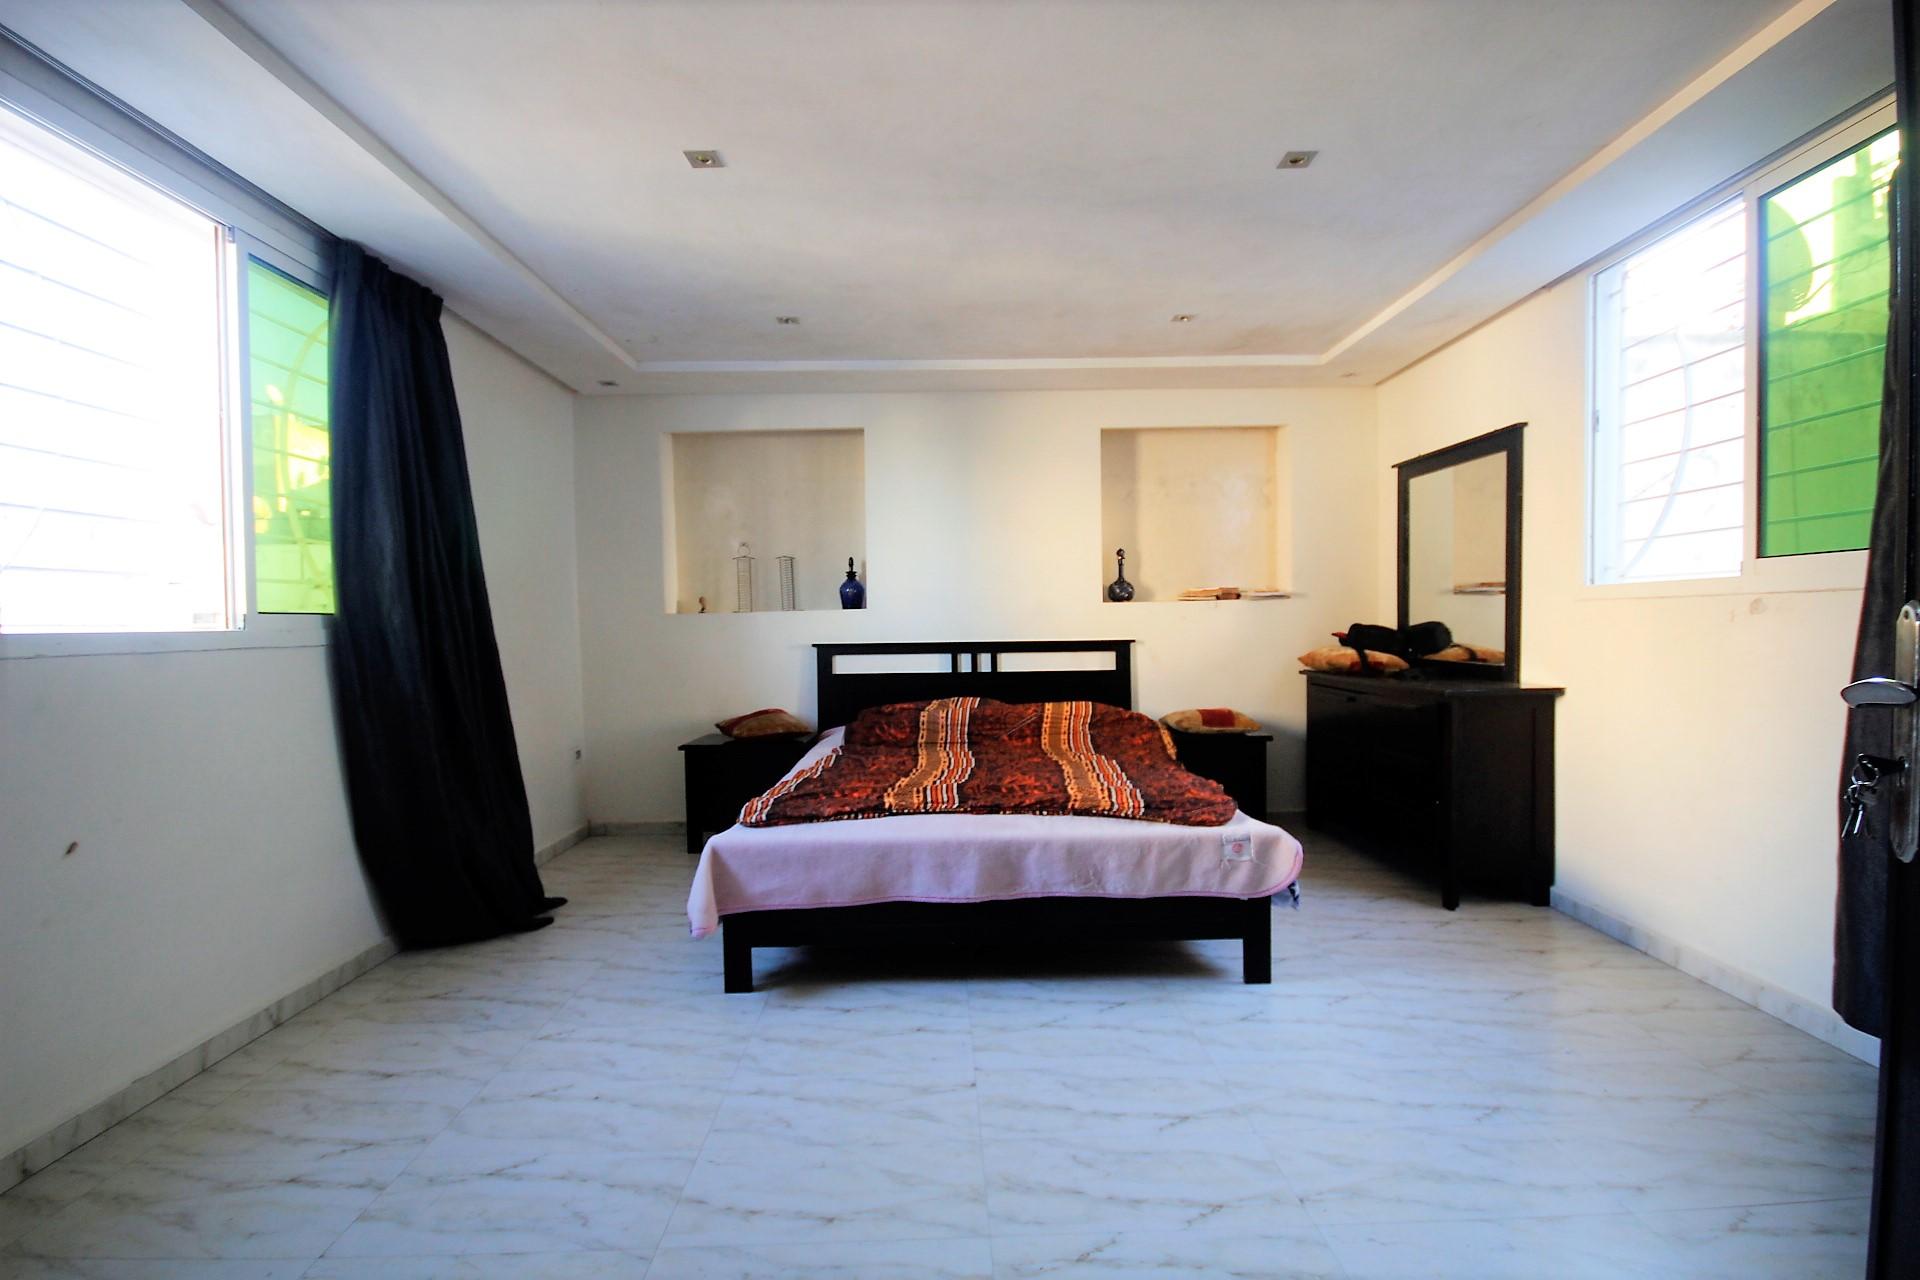 Spécial logement petit PRIX. Maroc, Casablanca, Bourgogne proche Bld Zerktouni à acheter appartement de 93 m² 2 chambres rénové avec gout